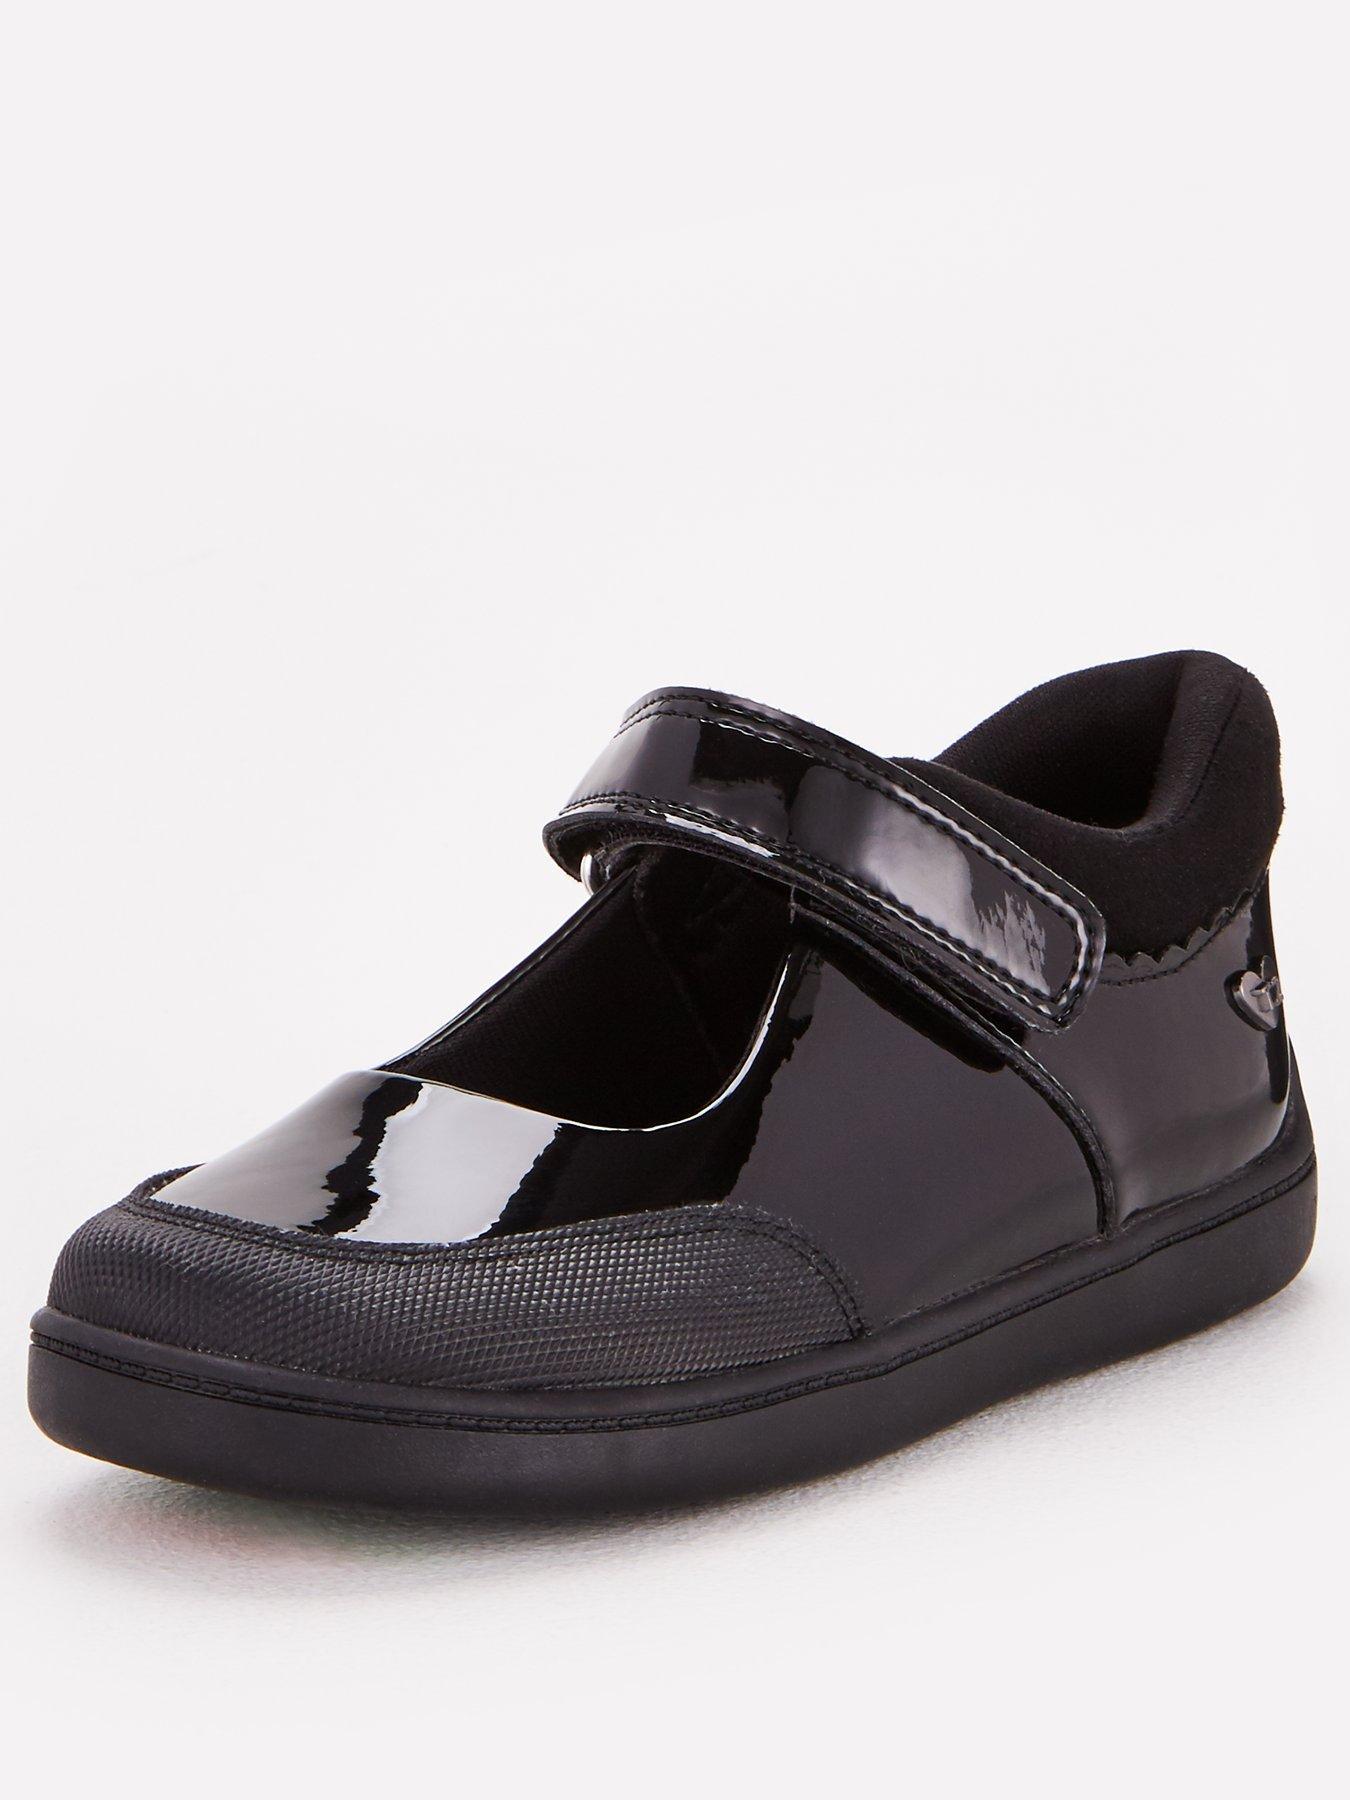 Boys Shoes   Kids Shoes \u0026 Boots